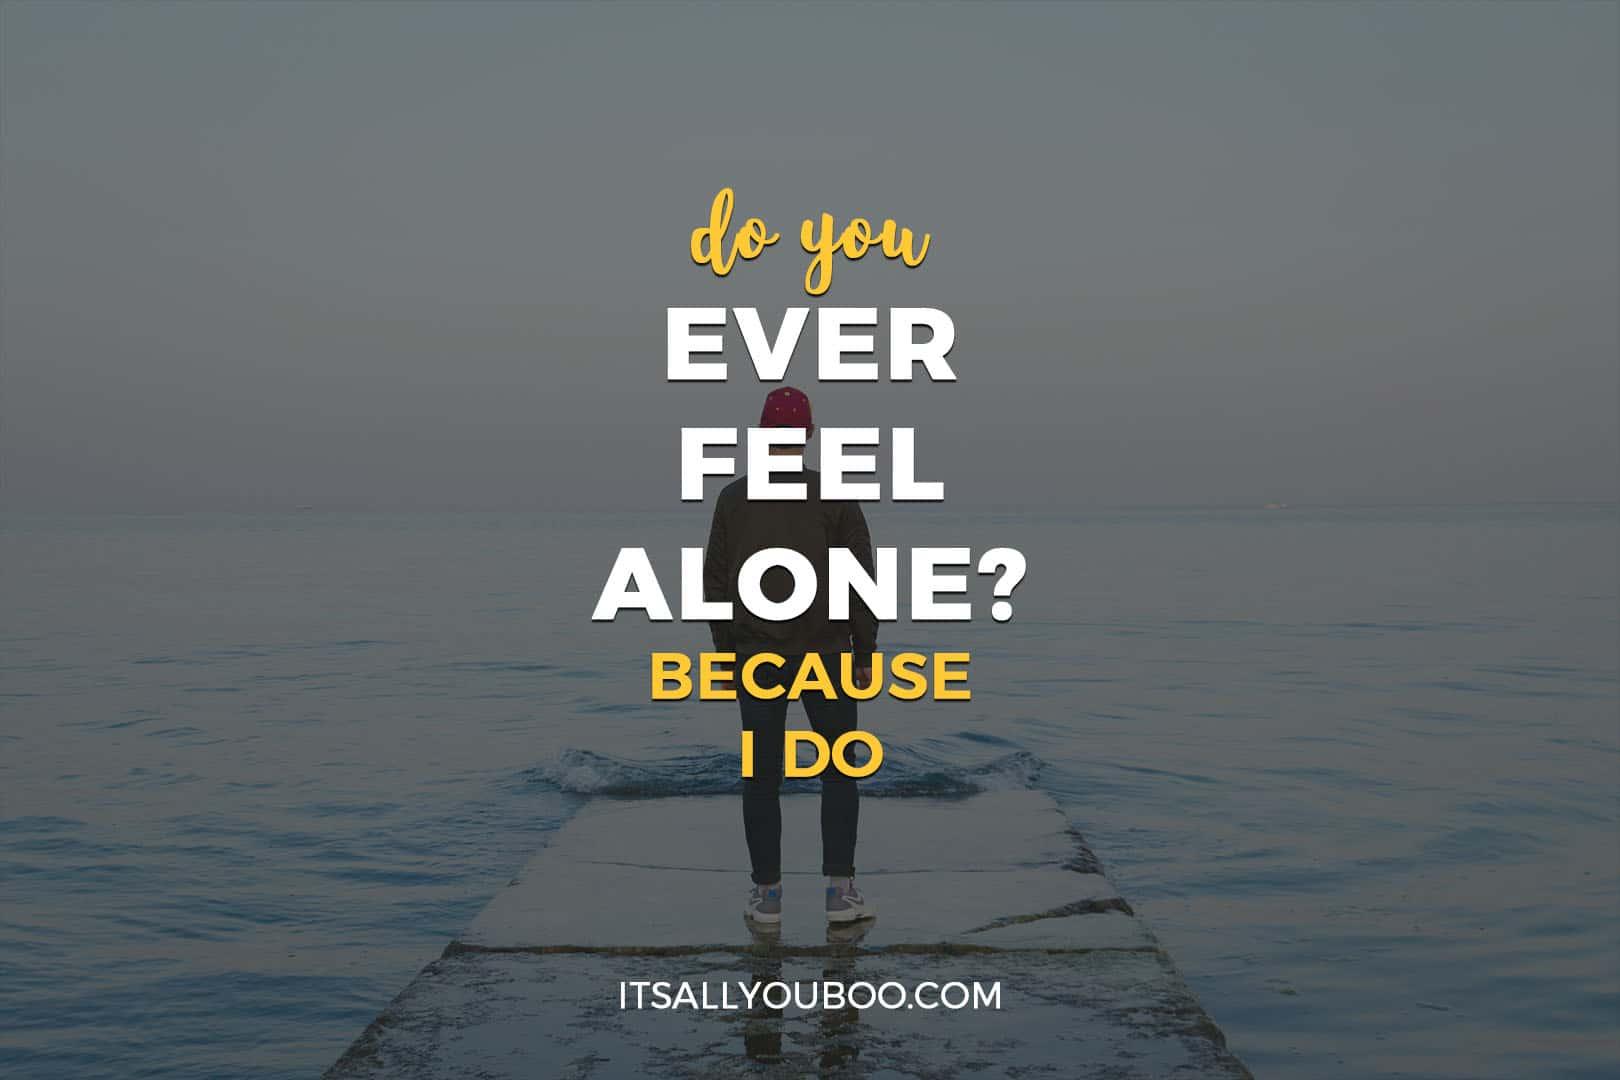 Do You Ever Feel Alone? Because I do.